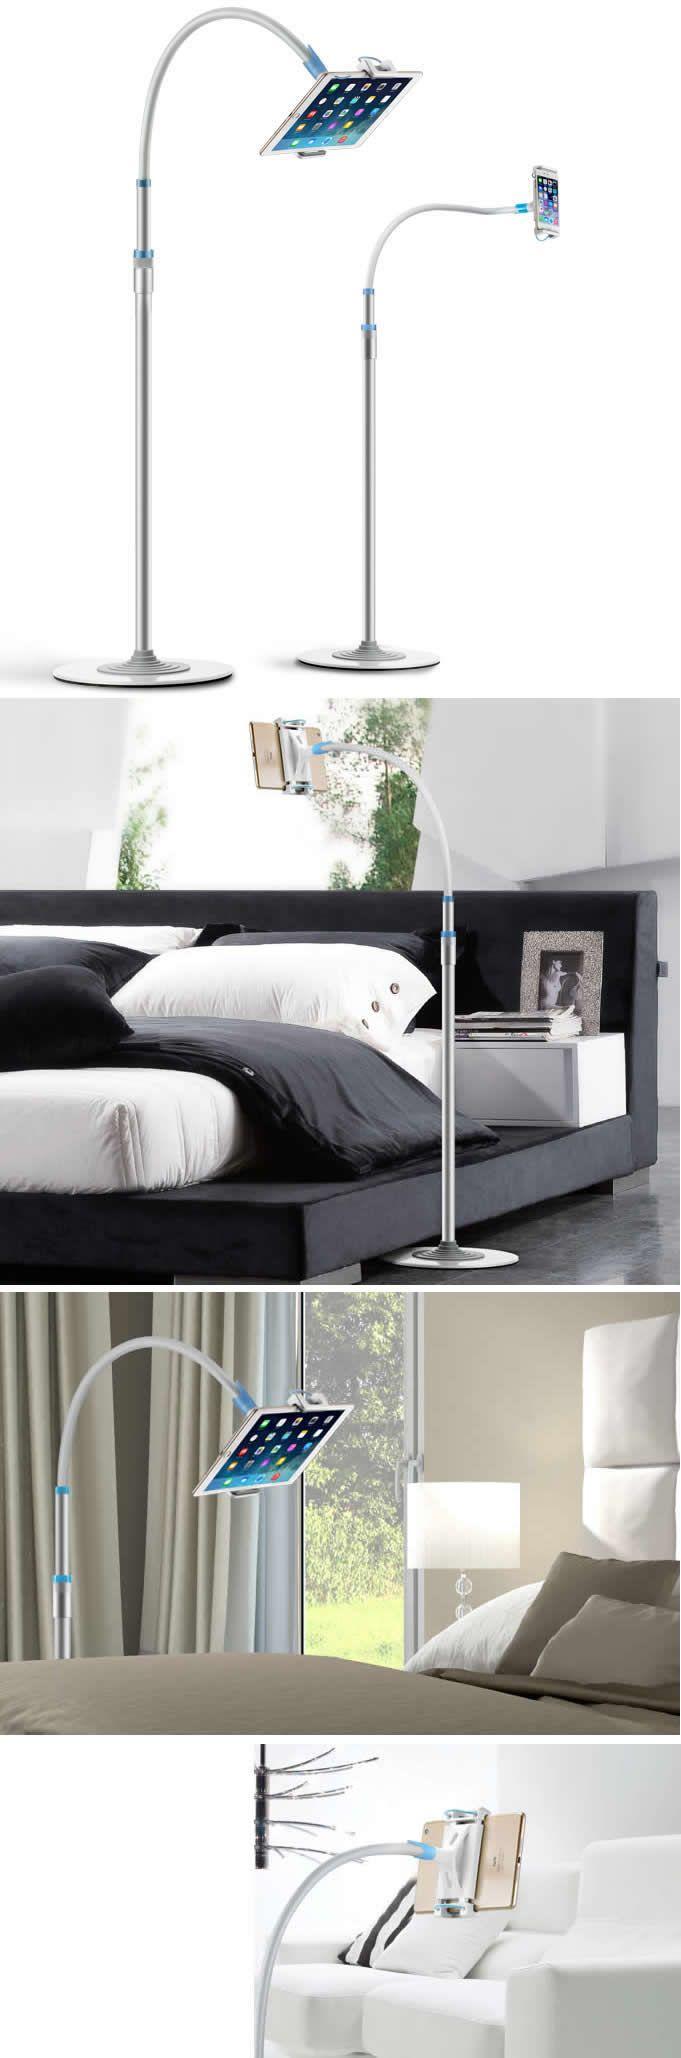 Adjustable Flexible Floor Mount Stand For iPad Pro 12.9 inch, 4-12.9 inch iPad Tablets Smartphones